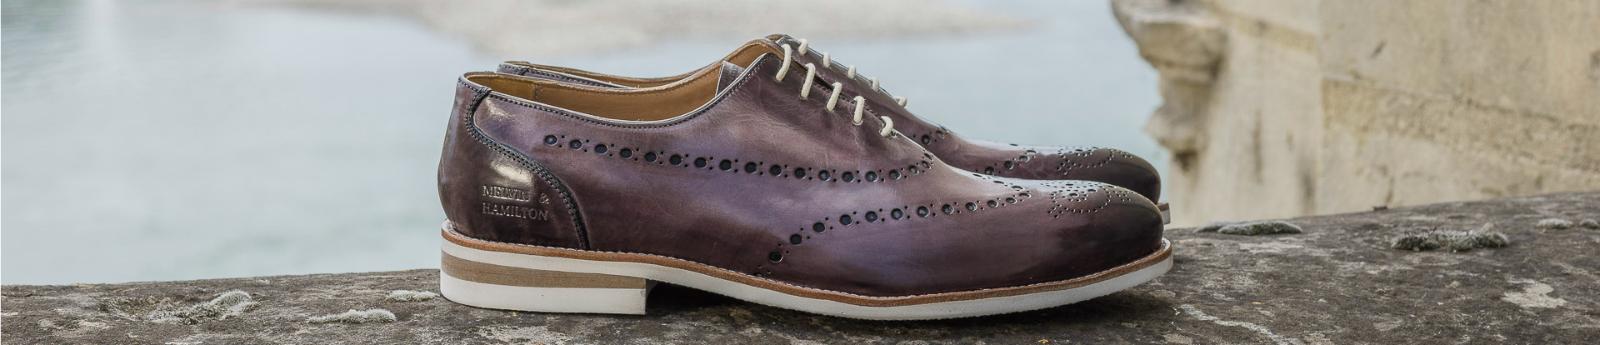 b8f07d9e07cab Outlet Leather shoes   Melvin   Hamilton